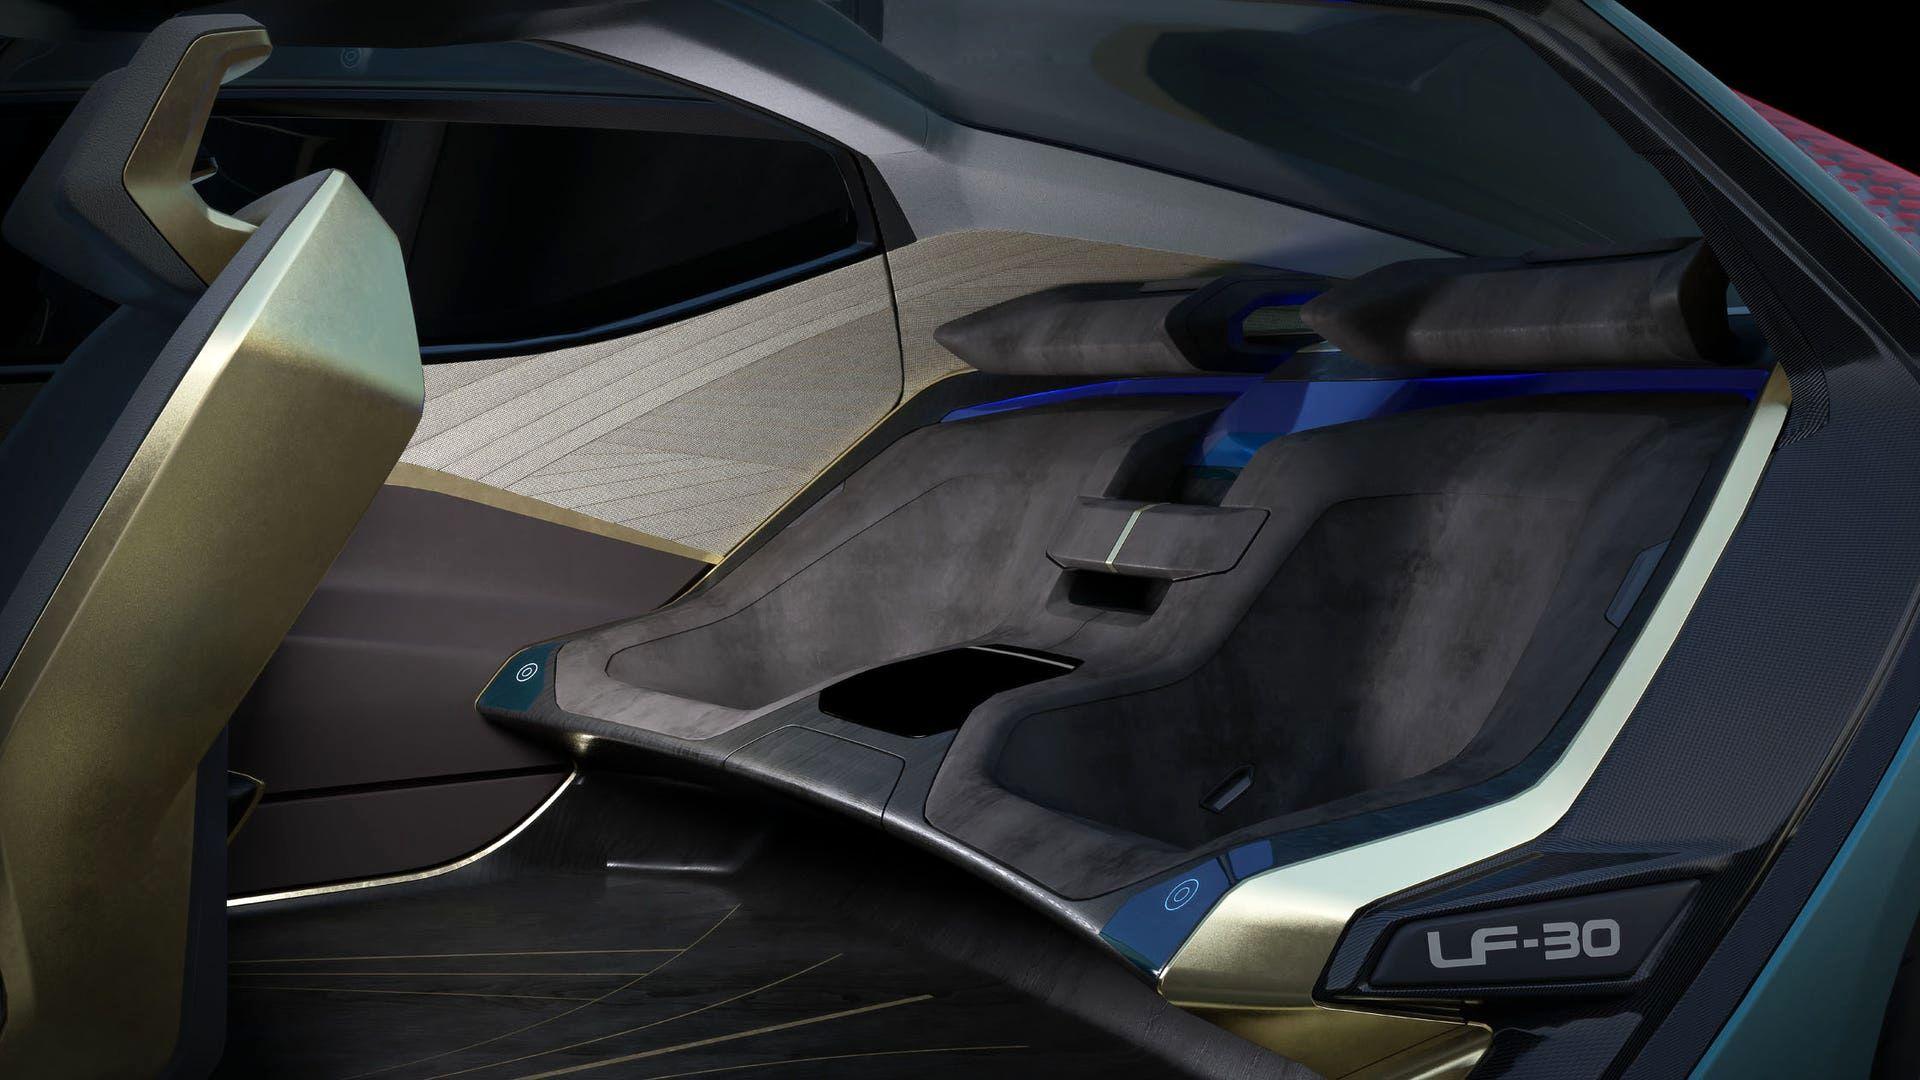 جدیدترین خودروی لکسوس LF-30 رونمایی شد